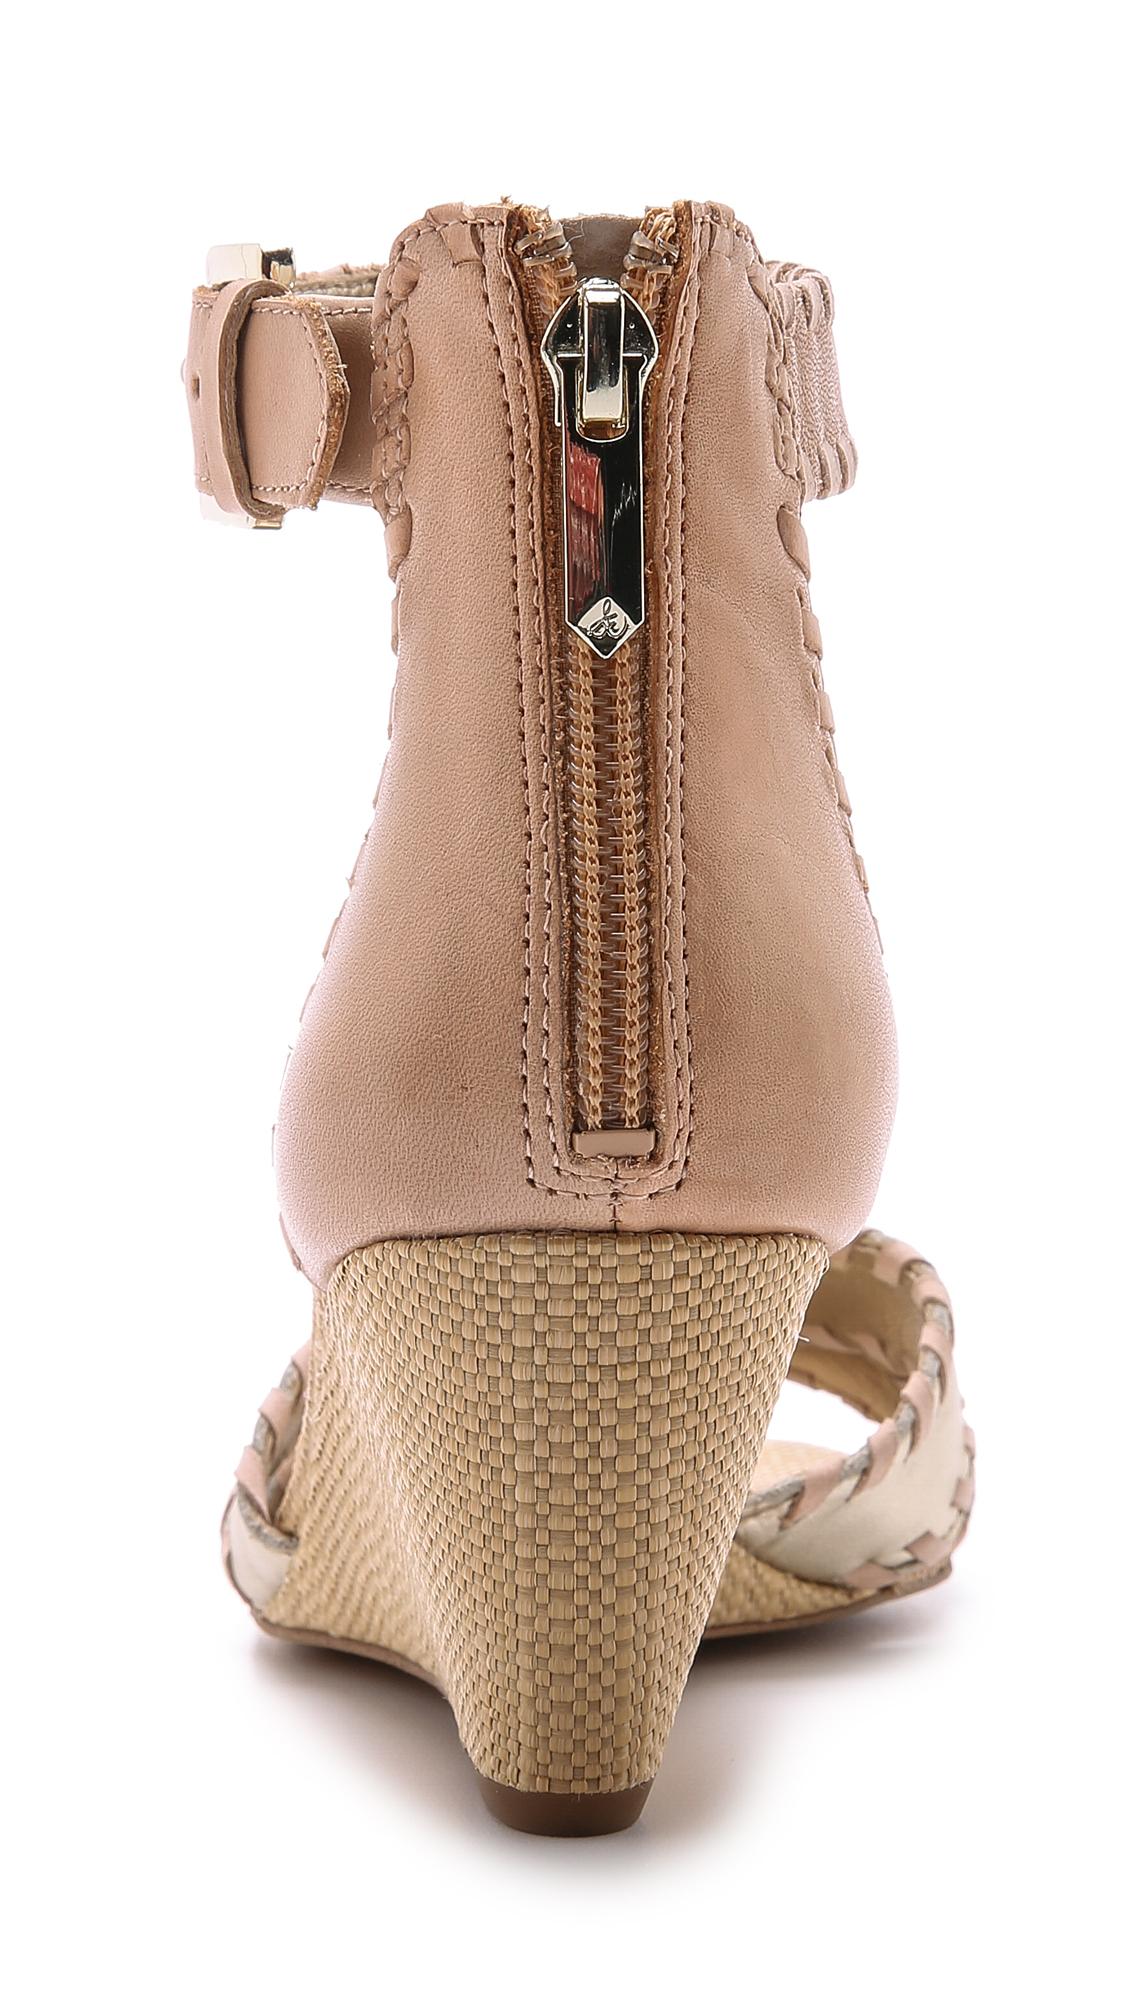 86a474b1c11de8 Sam Edelman Silvia Wedge Sandals - Jute Natural Peach Melba in ...